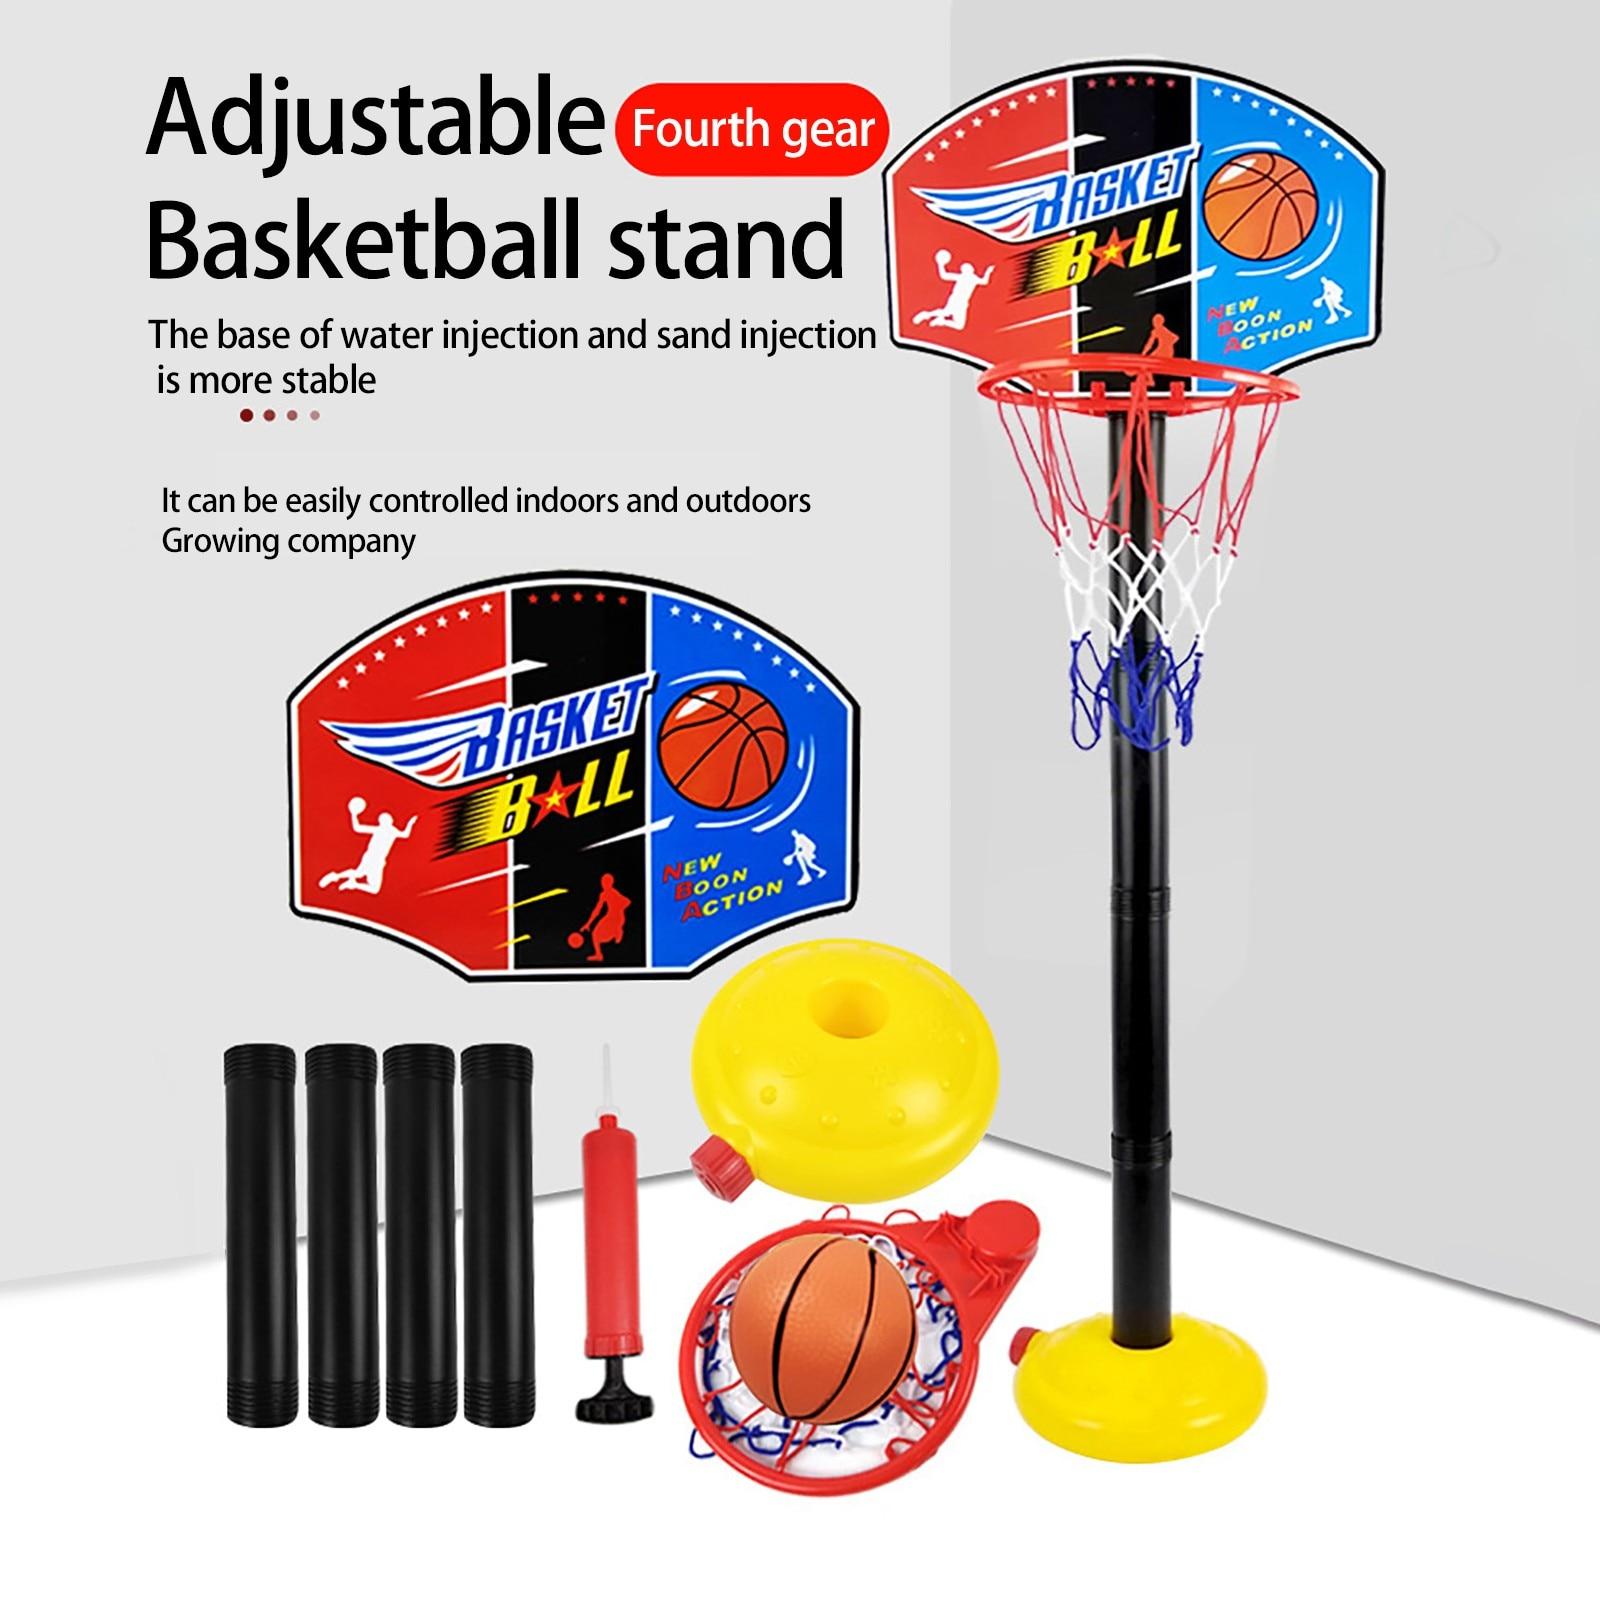 Внутренняя пластмассовая баскетбольного щита обруч баскетбол коробка мини баскетбол доска для игры для детей игры 5 видов стилей